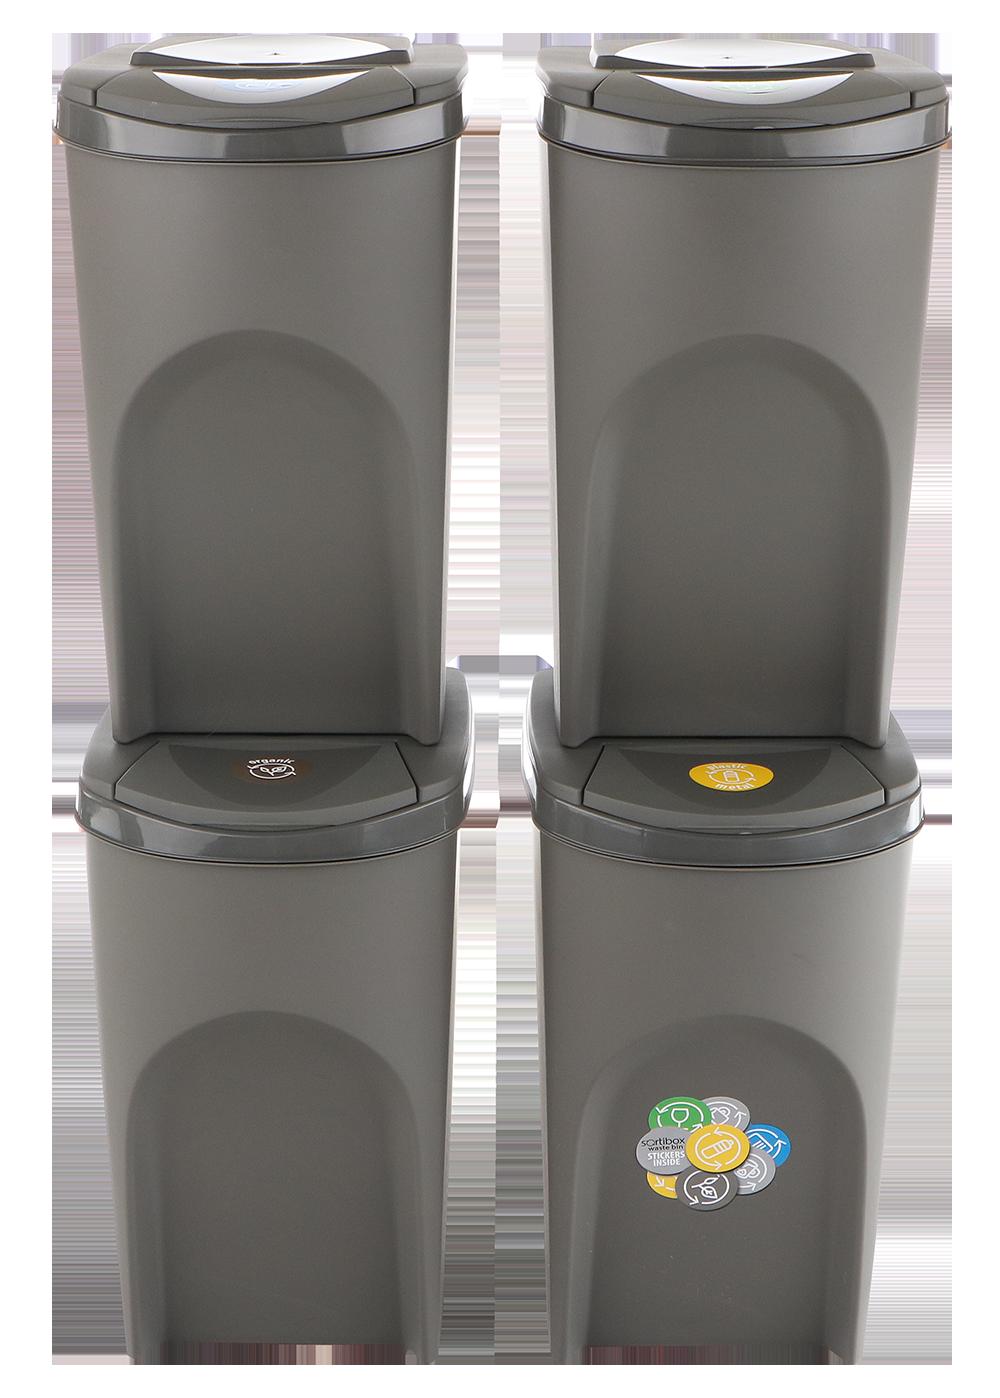 Sada 4 odpadkových košů SORTIBOX Šedý kámen 392x293x680 s šedým víkem a nálepkami